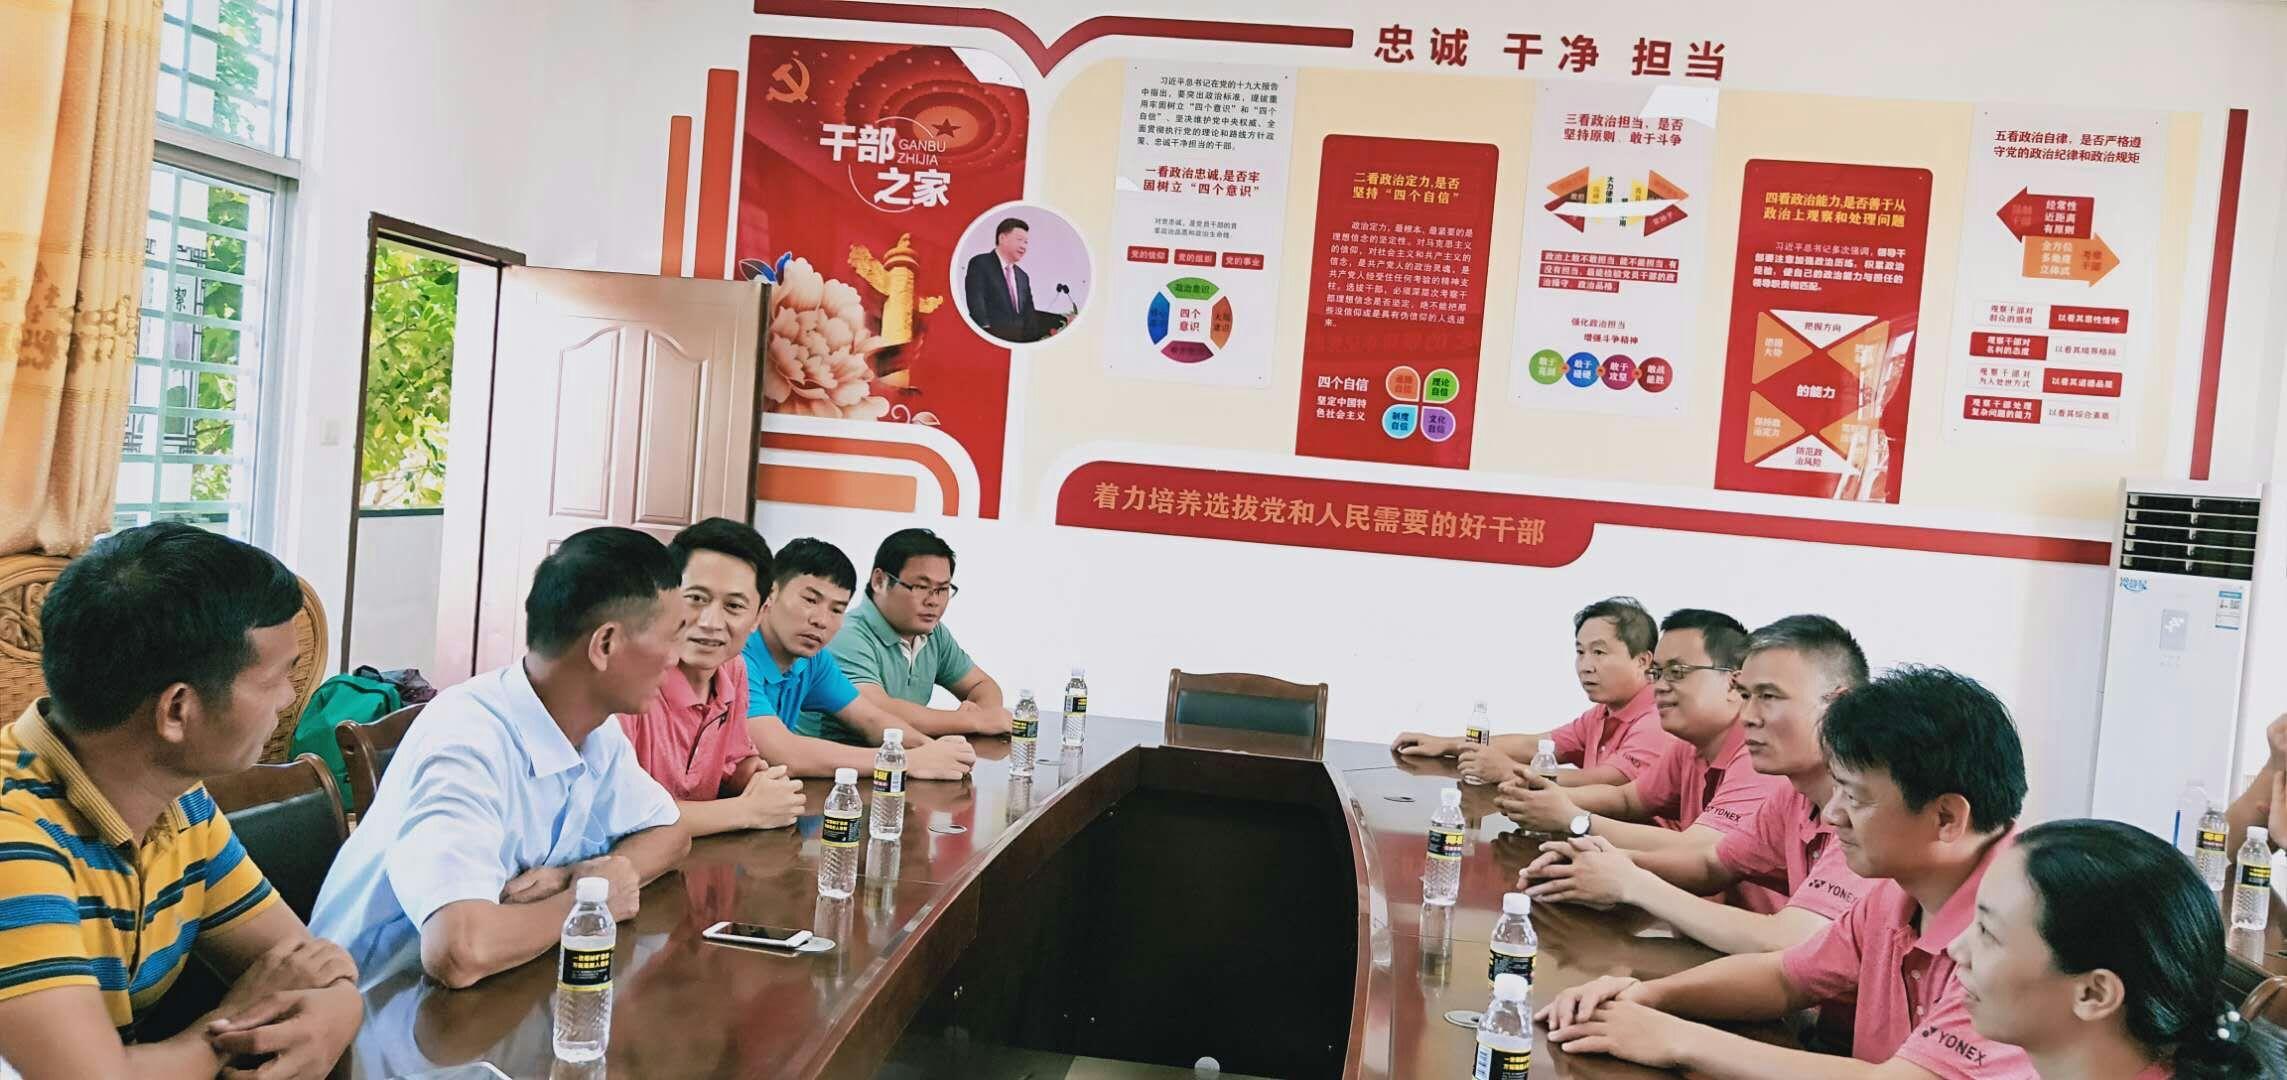 机关党委第十一支部积极开展党日主题教育实践活动